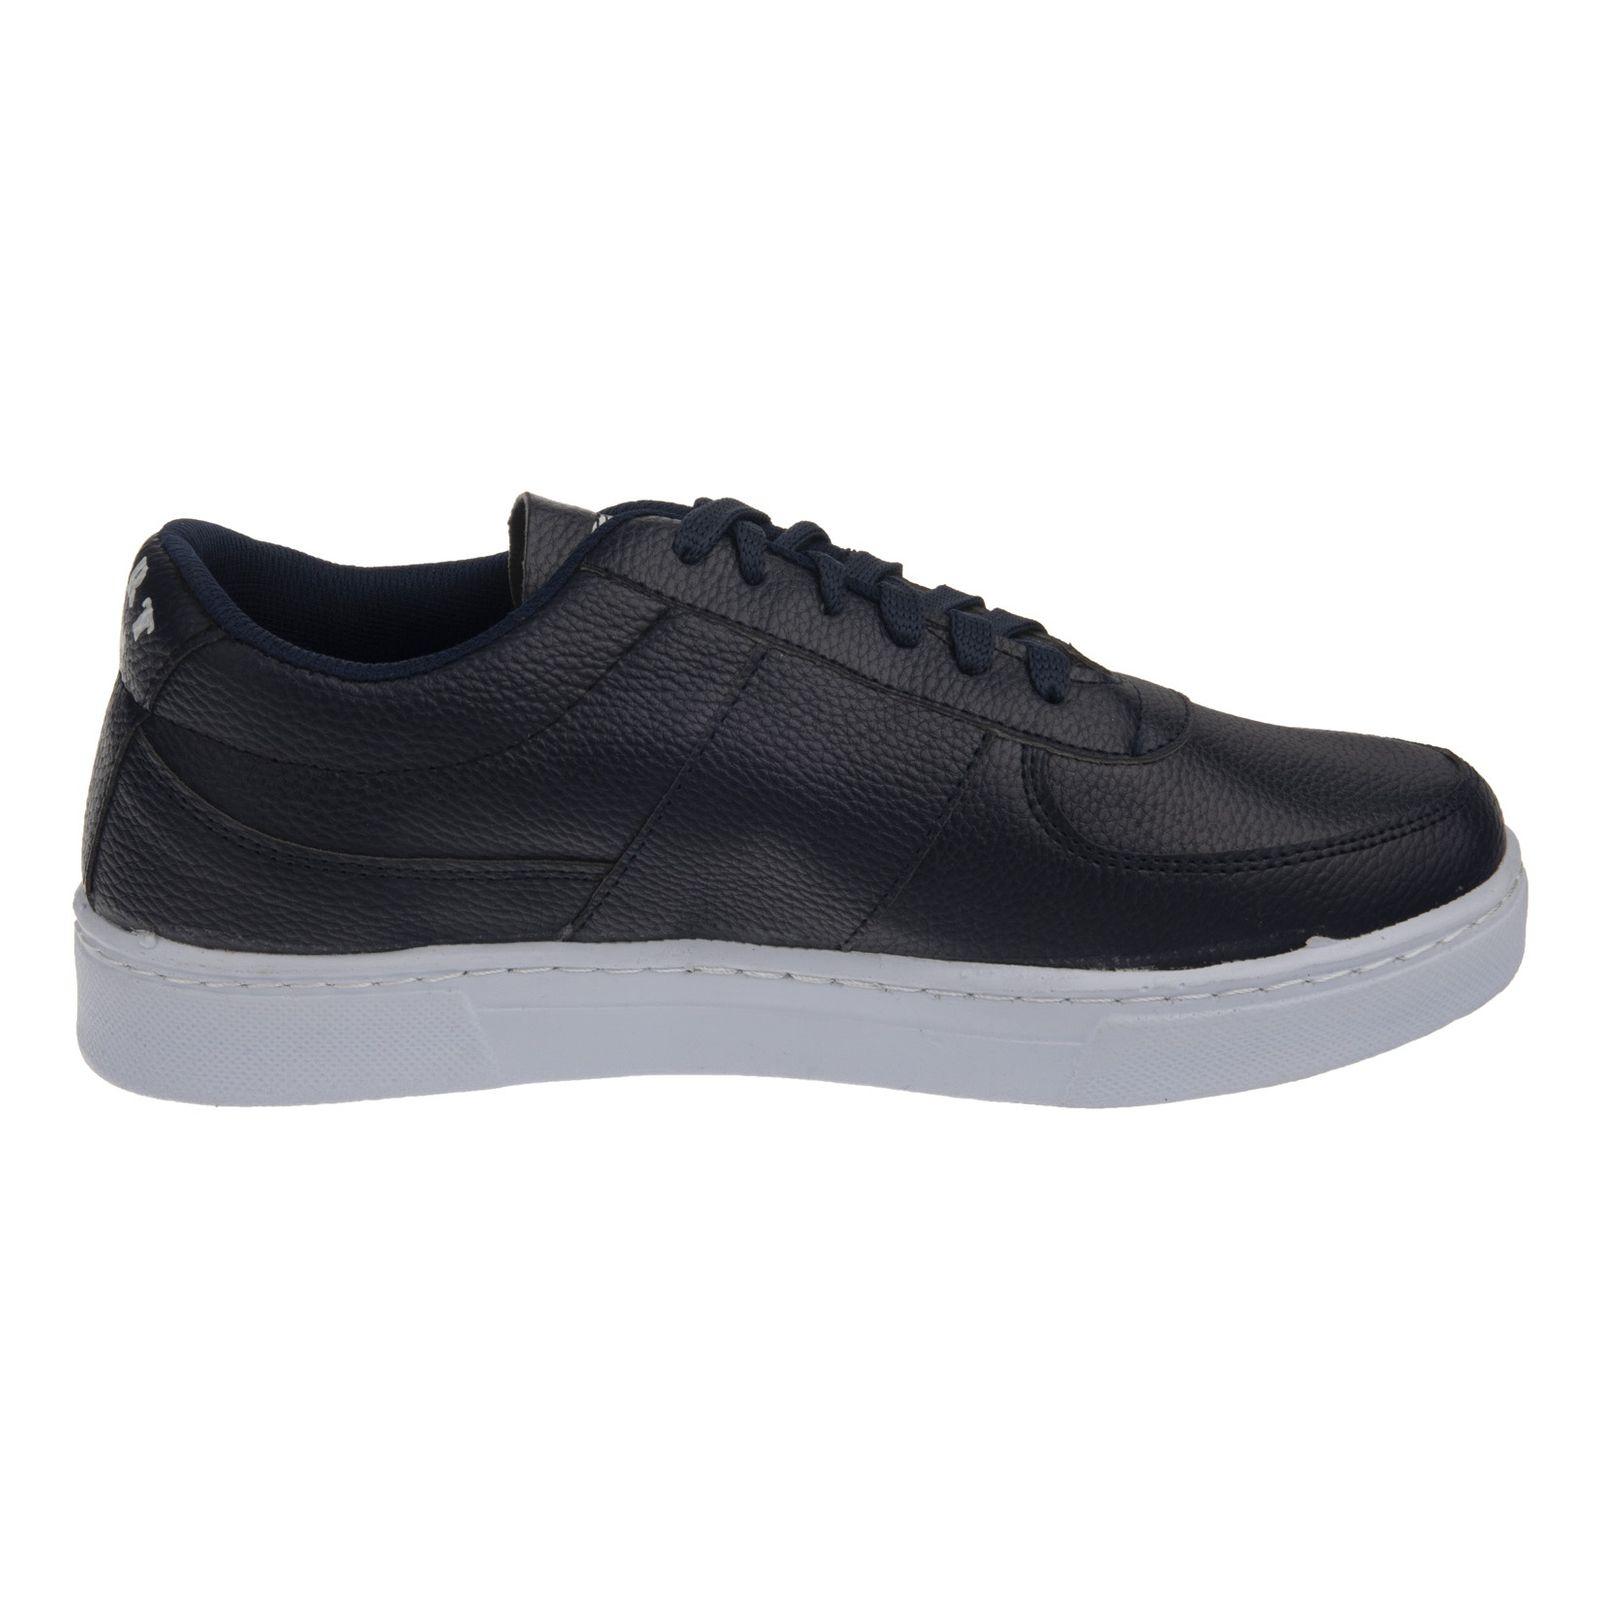 کفش ورزشی مردانه اسپرت من مدل 39905-13